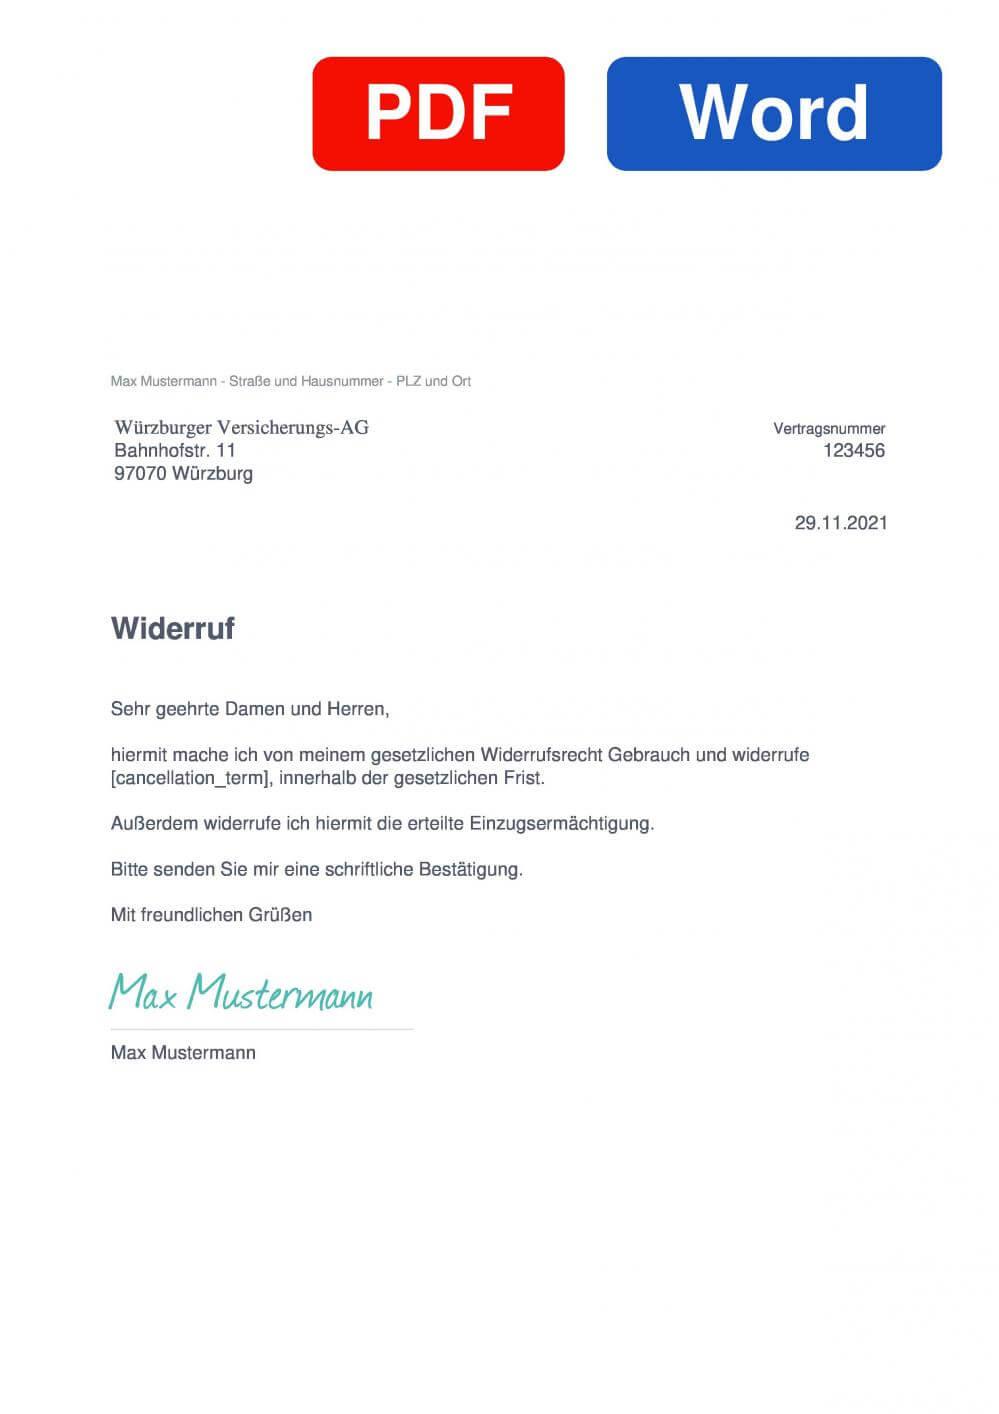 Würzburger Versicherung Muster Vorlage für Wiederrufsschreiben